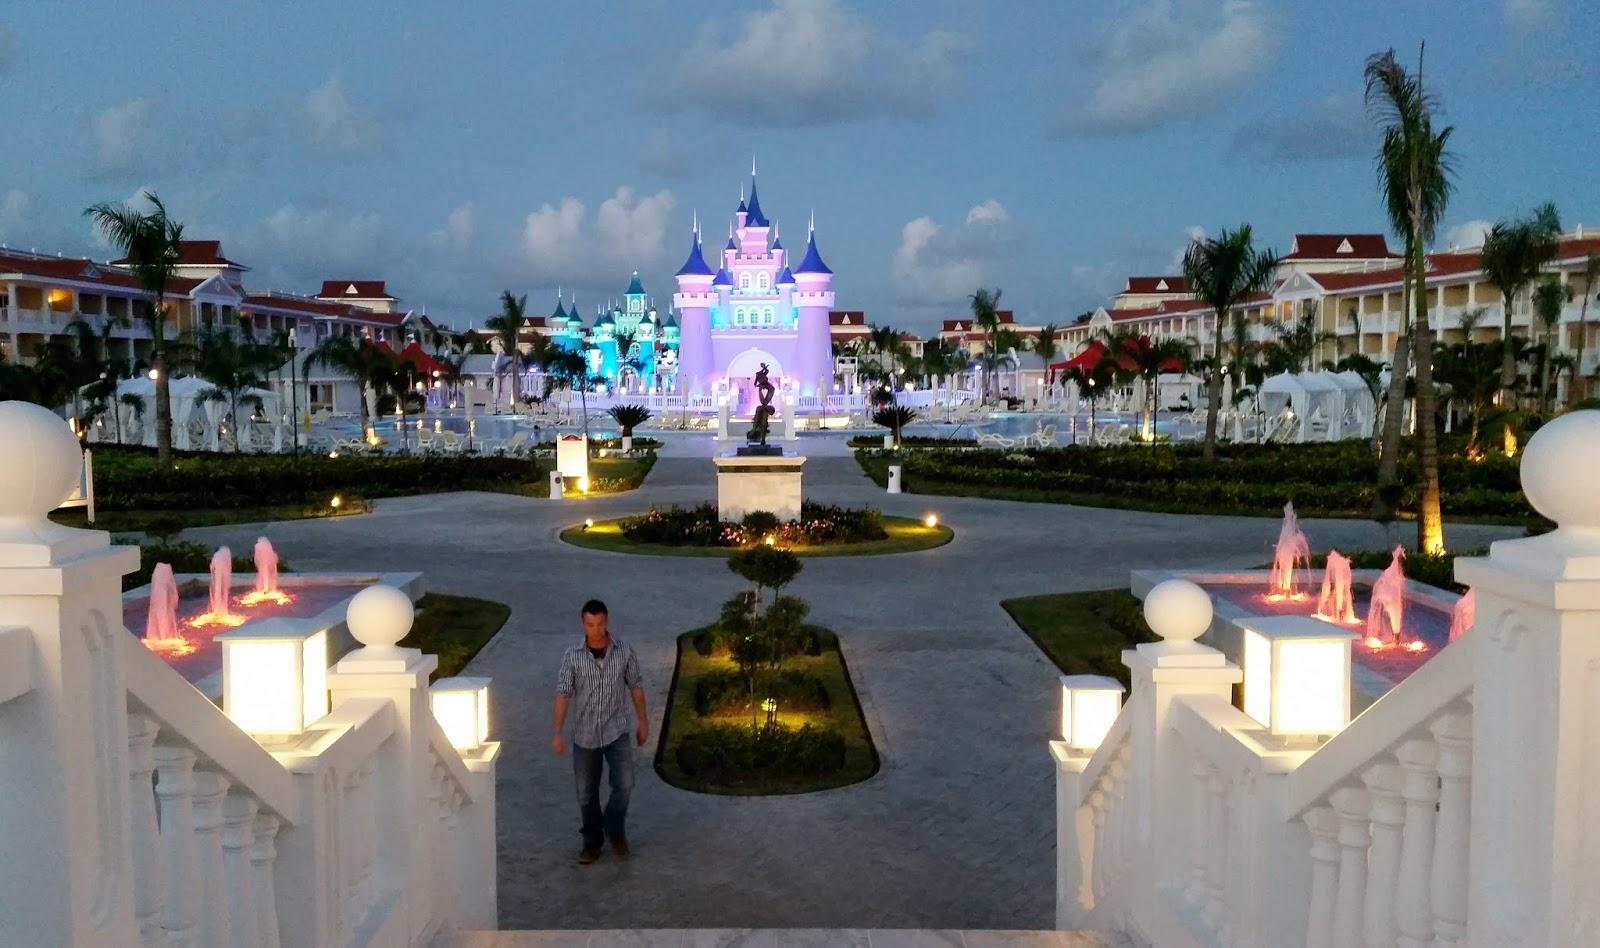 Dominikana hotel bahia principe fantasia Punta Cana